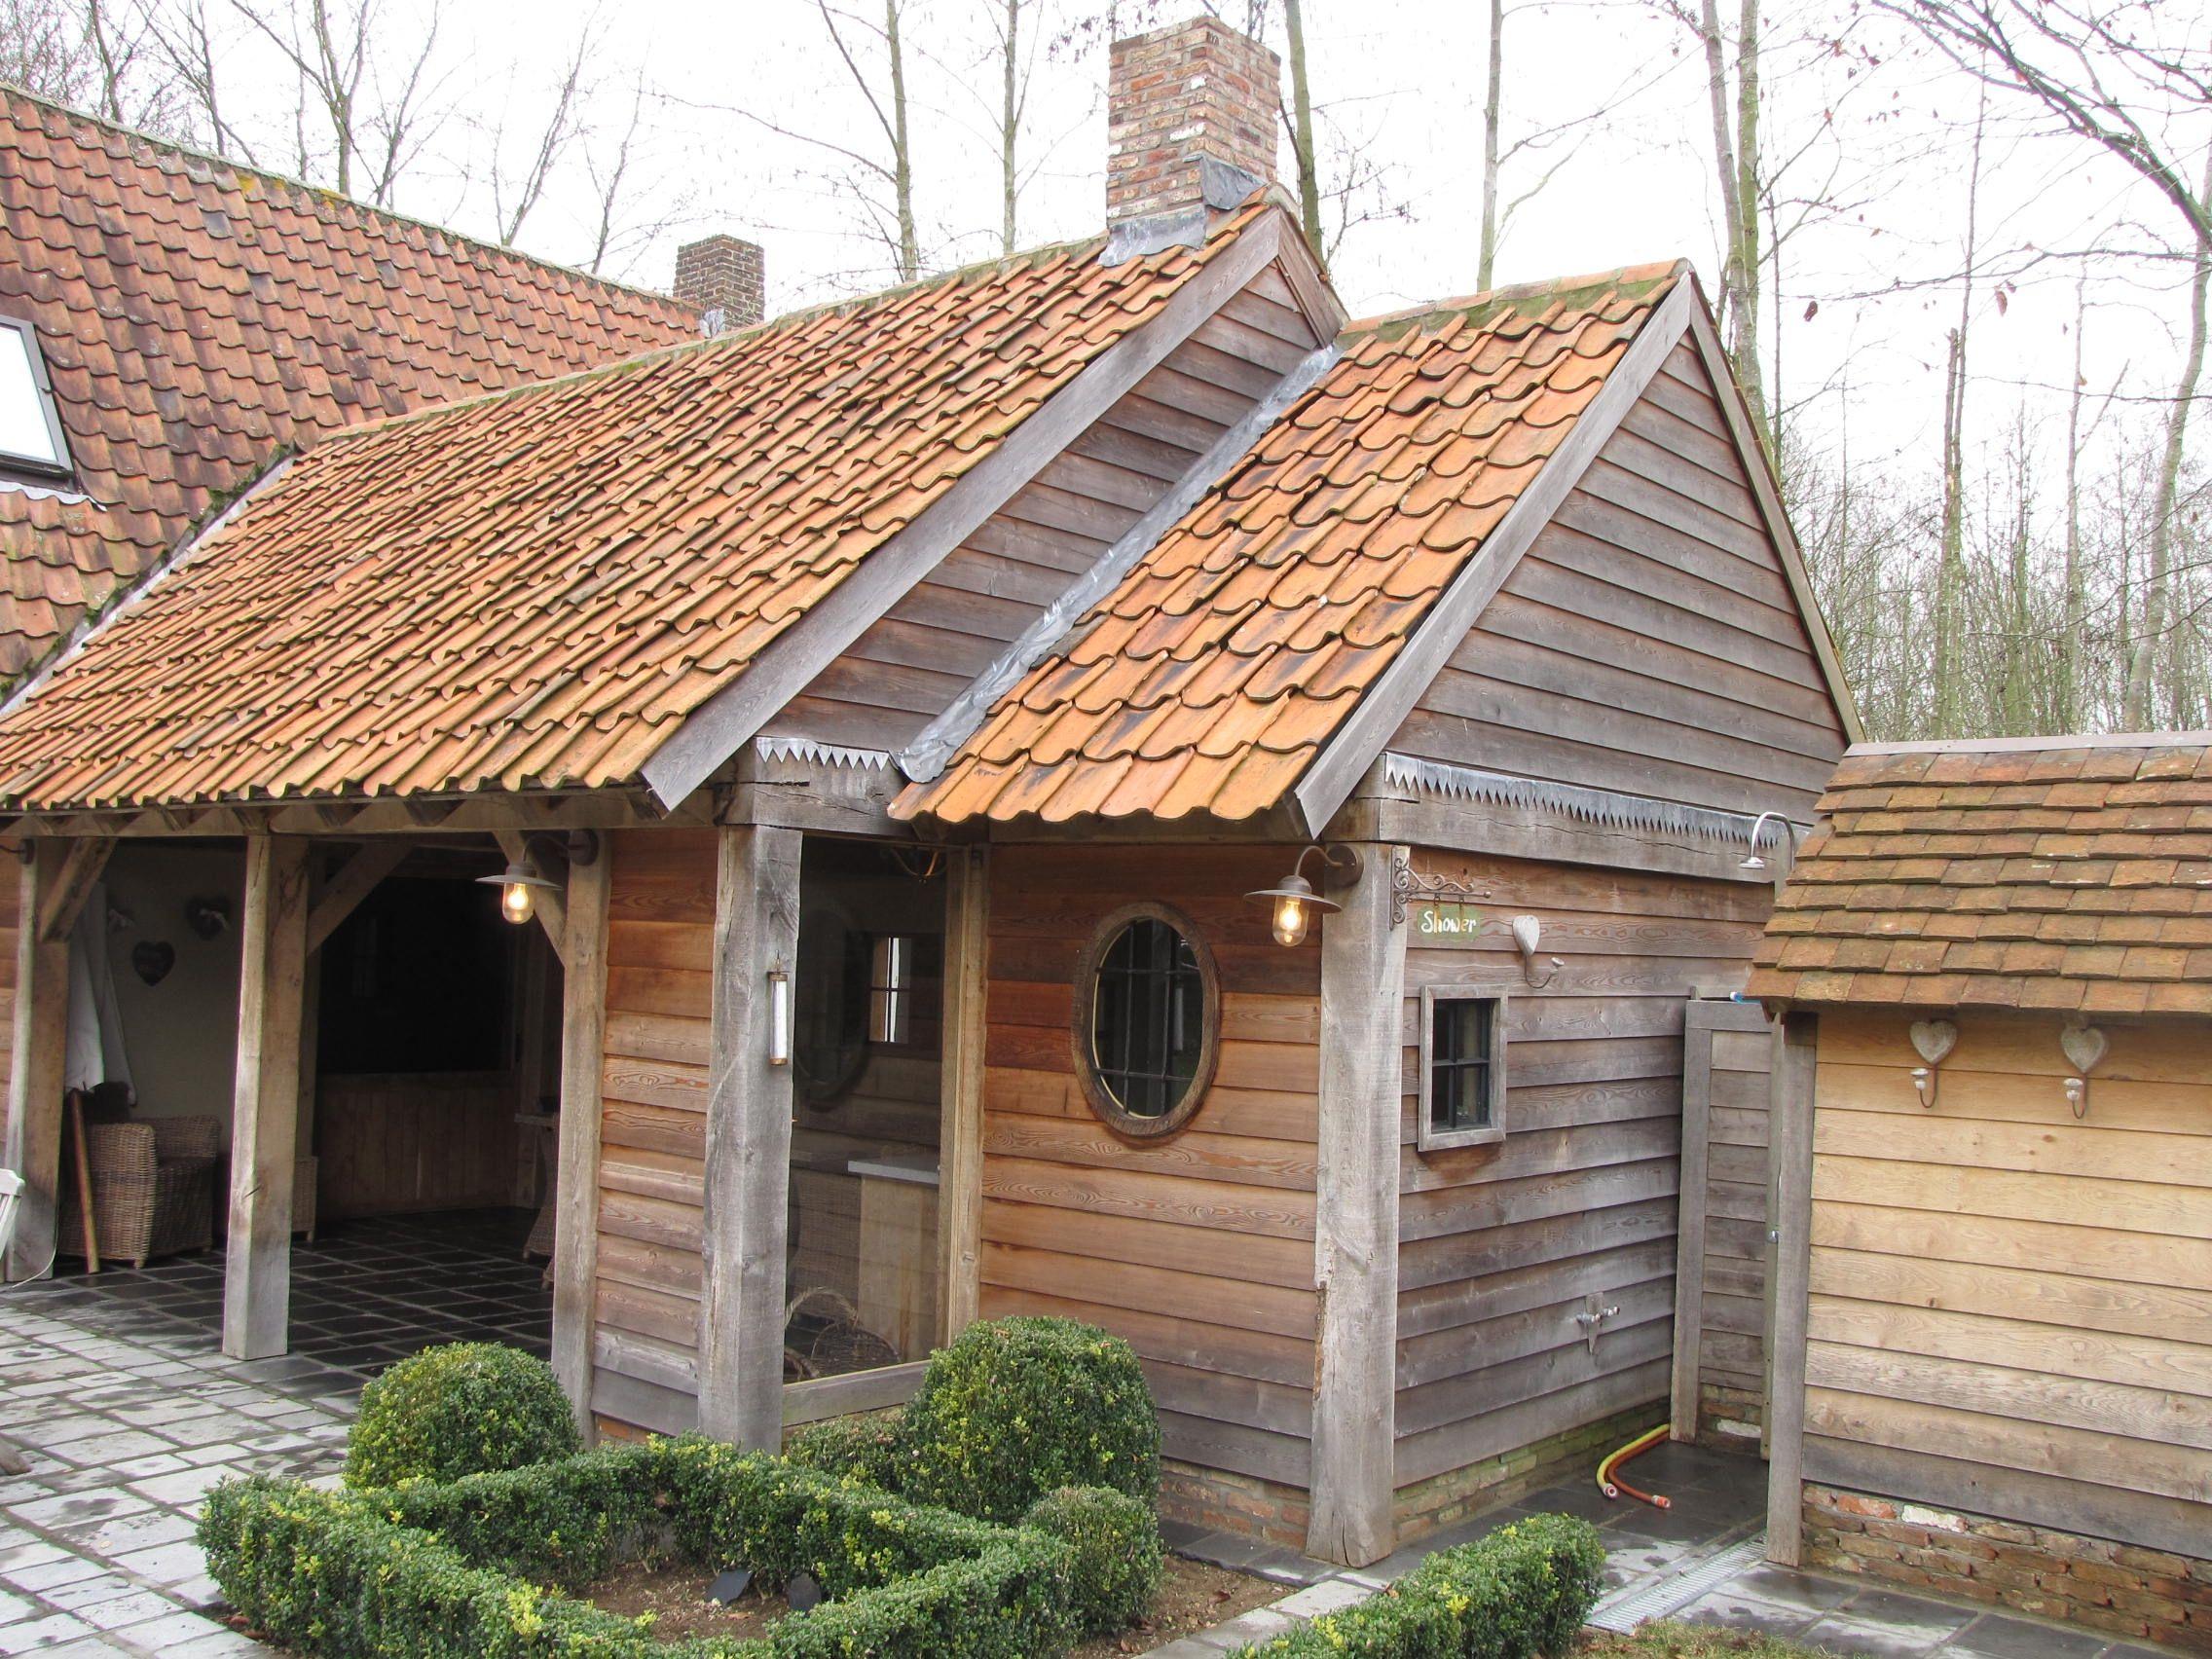 Google afbeeldingen resultaat voor houten huis - Meer mooie houten huizen ...